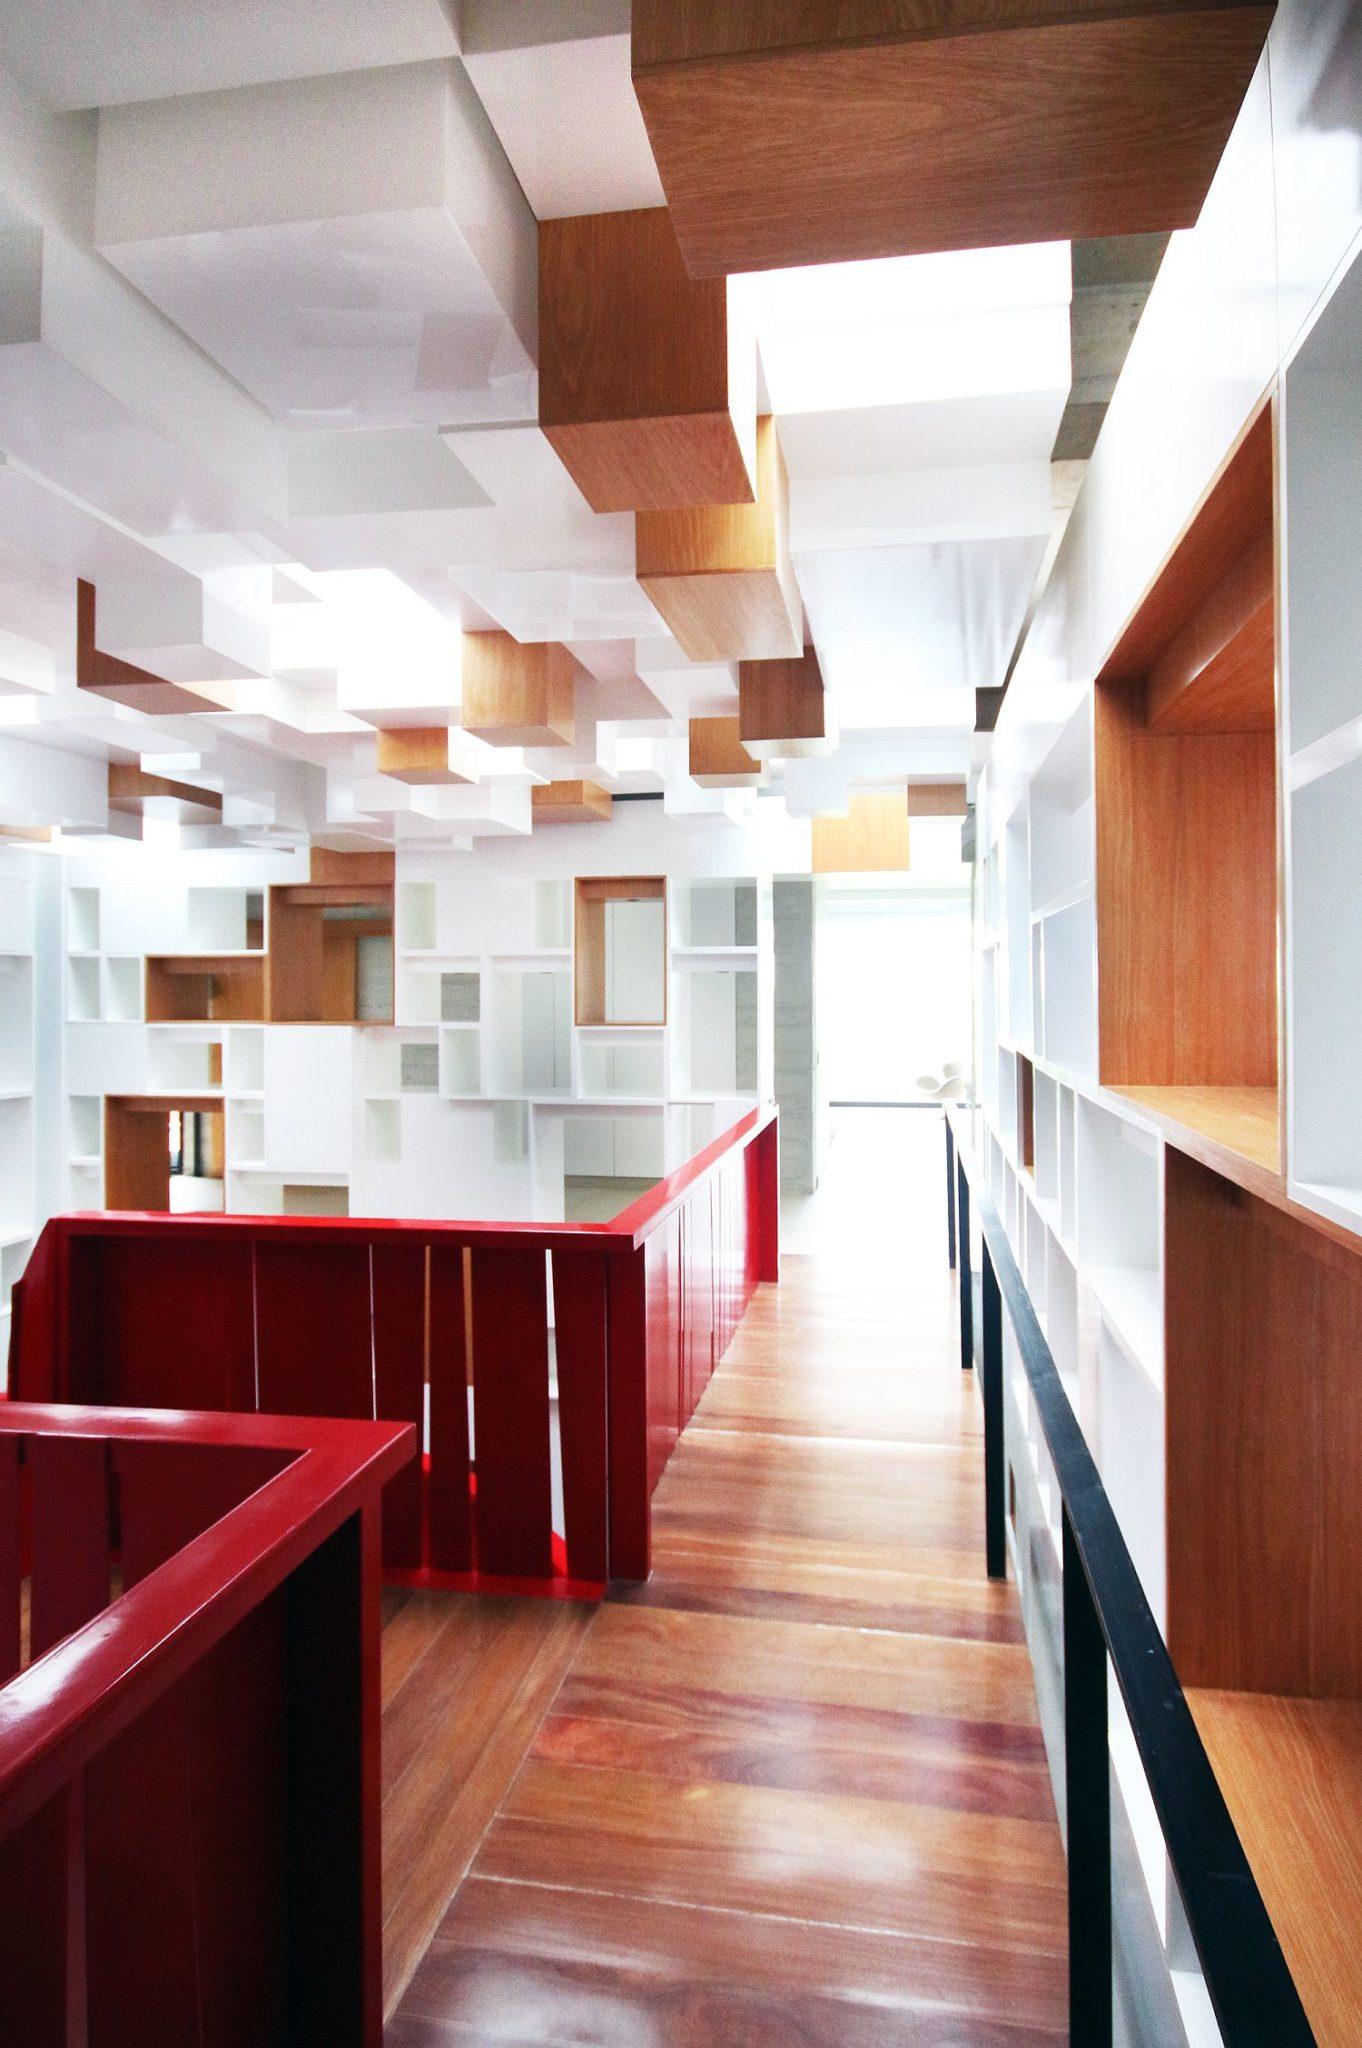 Contemporay interior of the stylish home in Peru